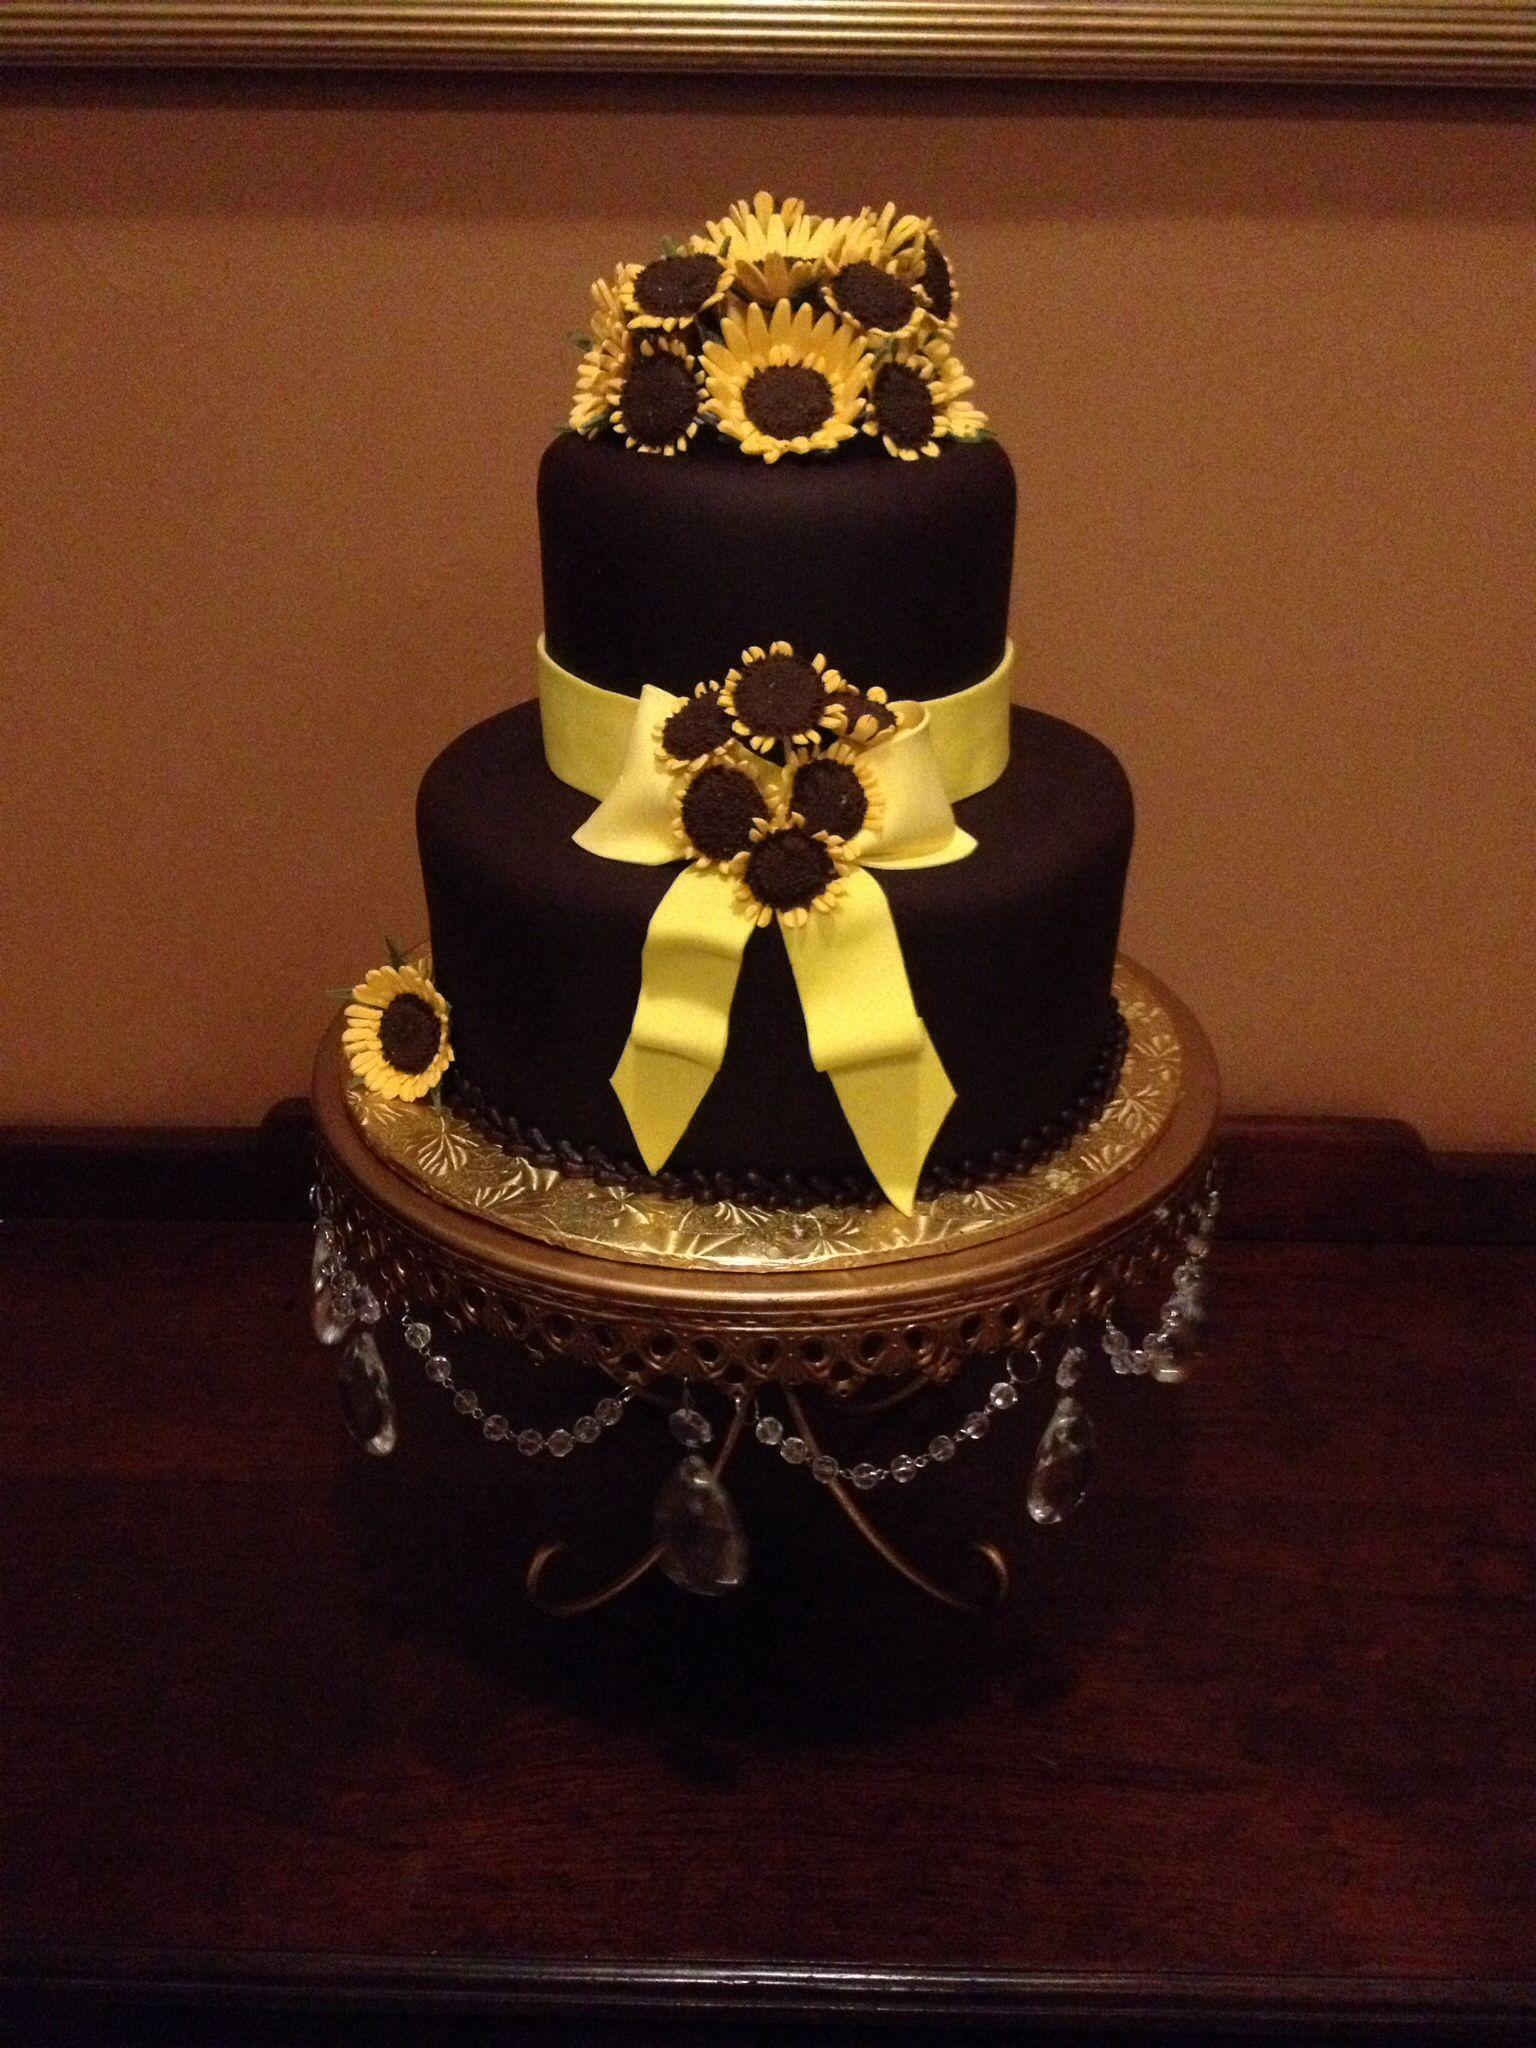 Sunflower Blast Cake by Karen Padilla